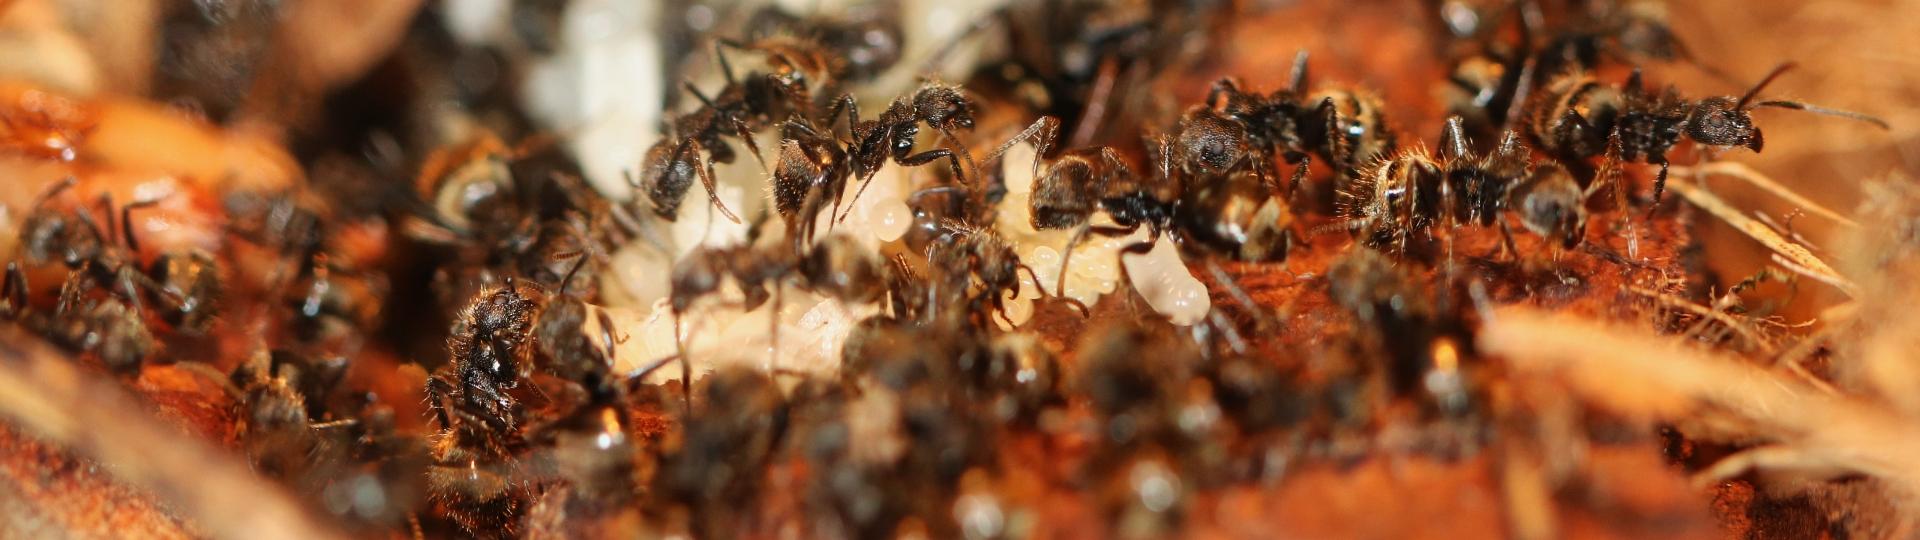 Dolichoderus bispinosus 15 mehrere Arbeiterinnen mit Brut 03